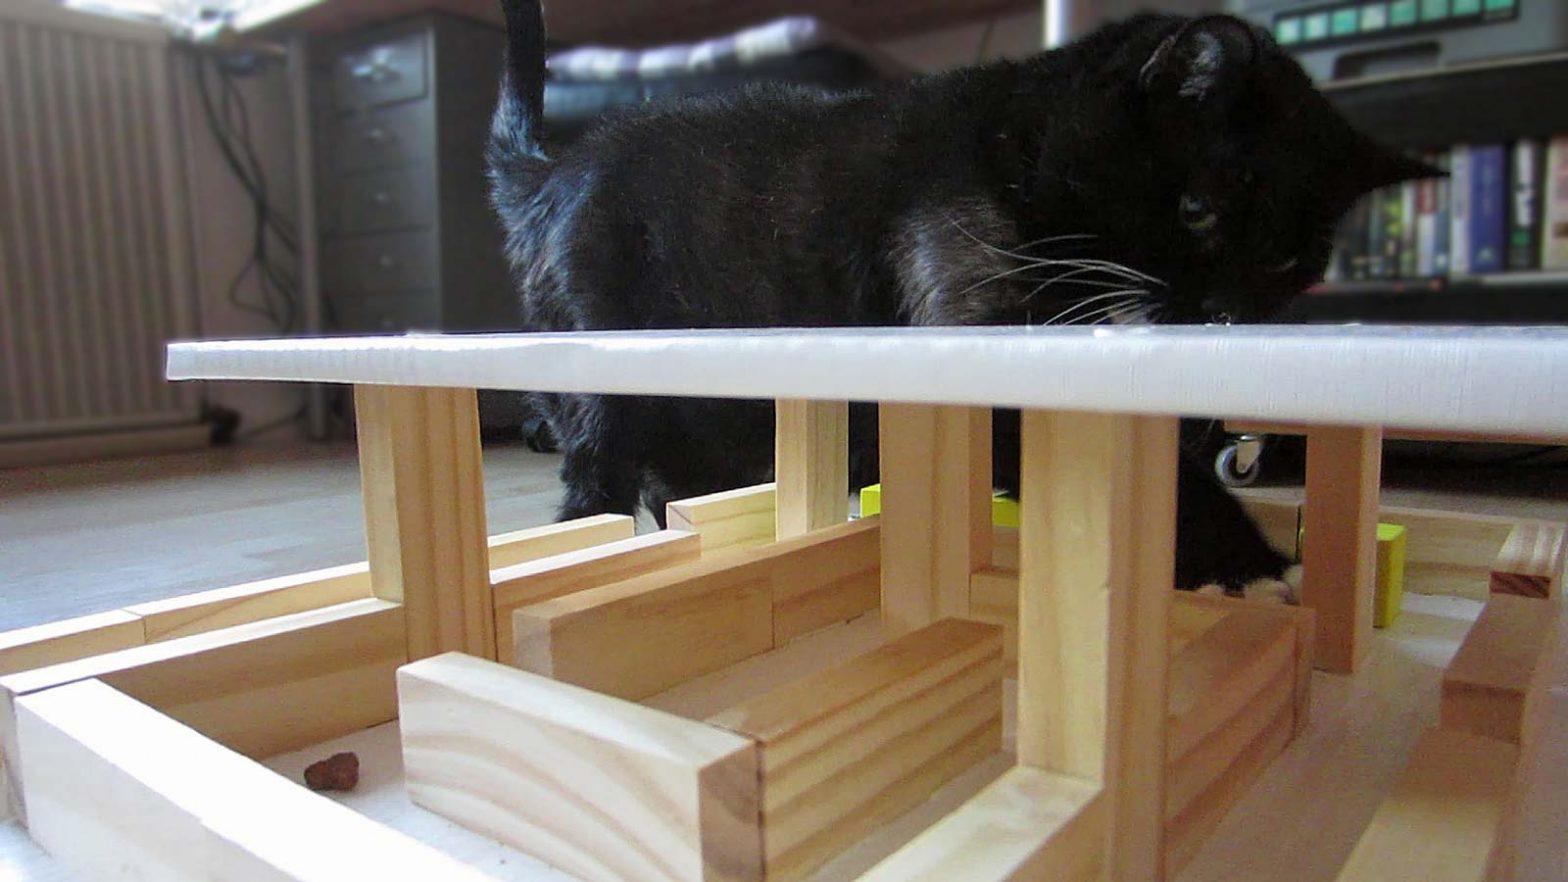 Luzi spielt mit ihrem Fummelhaus für Katzen